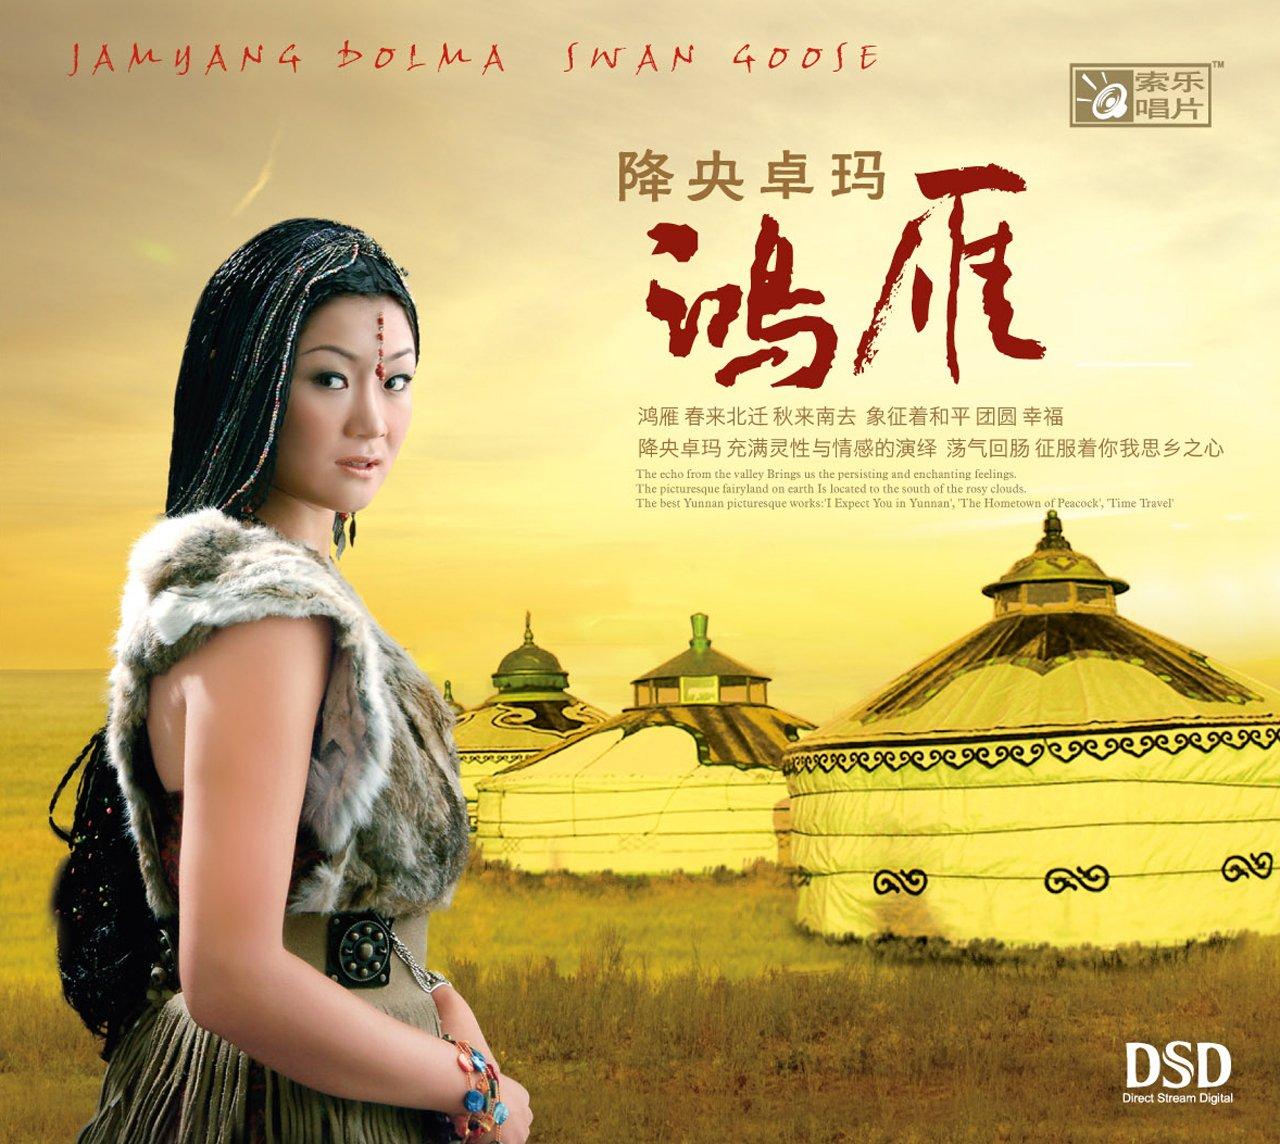 降央卓玛:鸿雁(cd) 降央卓玛 亚马逊中国